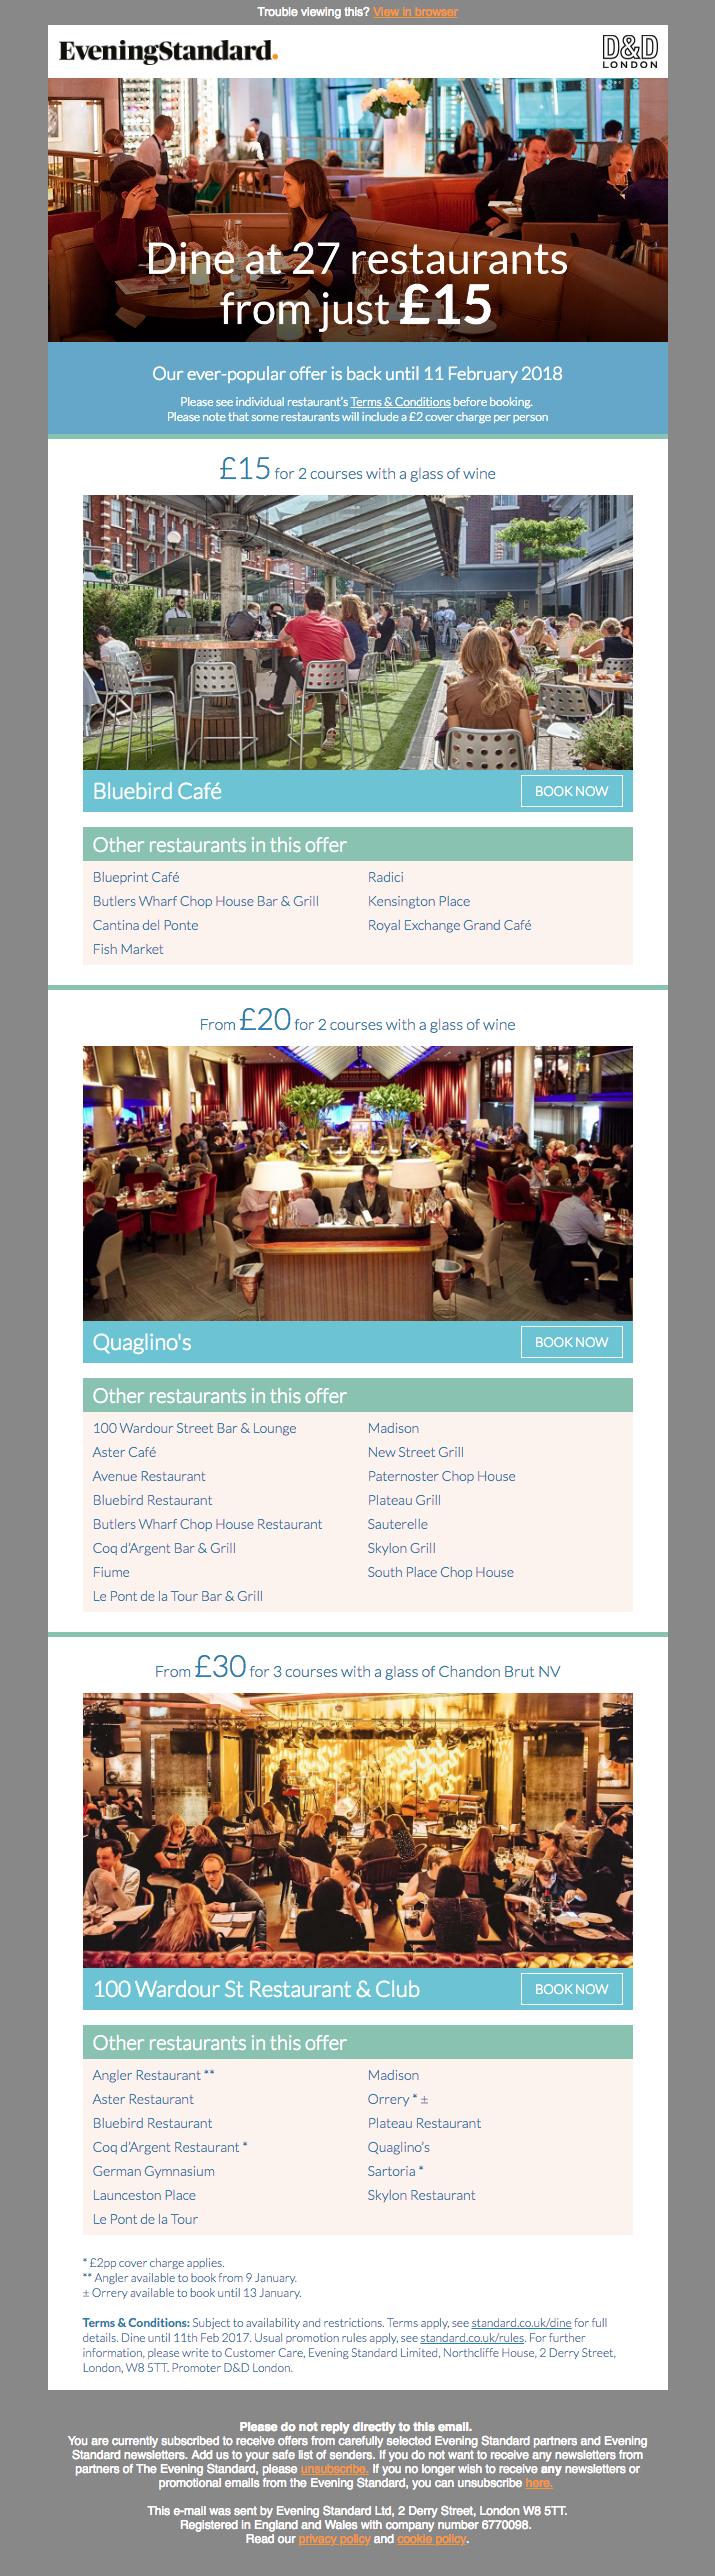 D&D Evening Standard dine offers